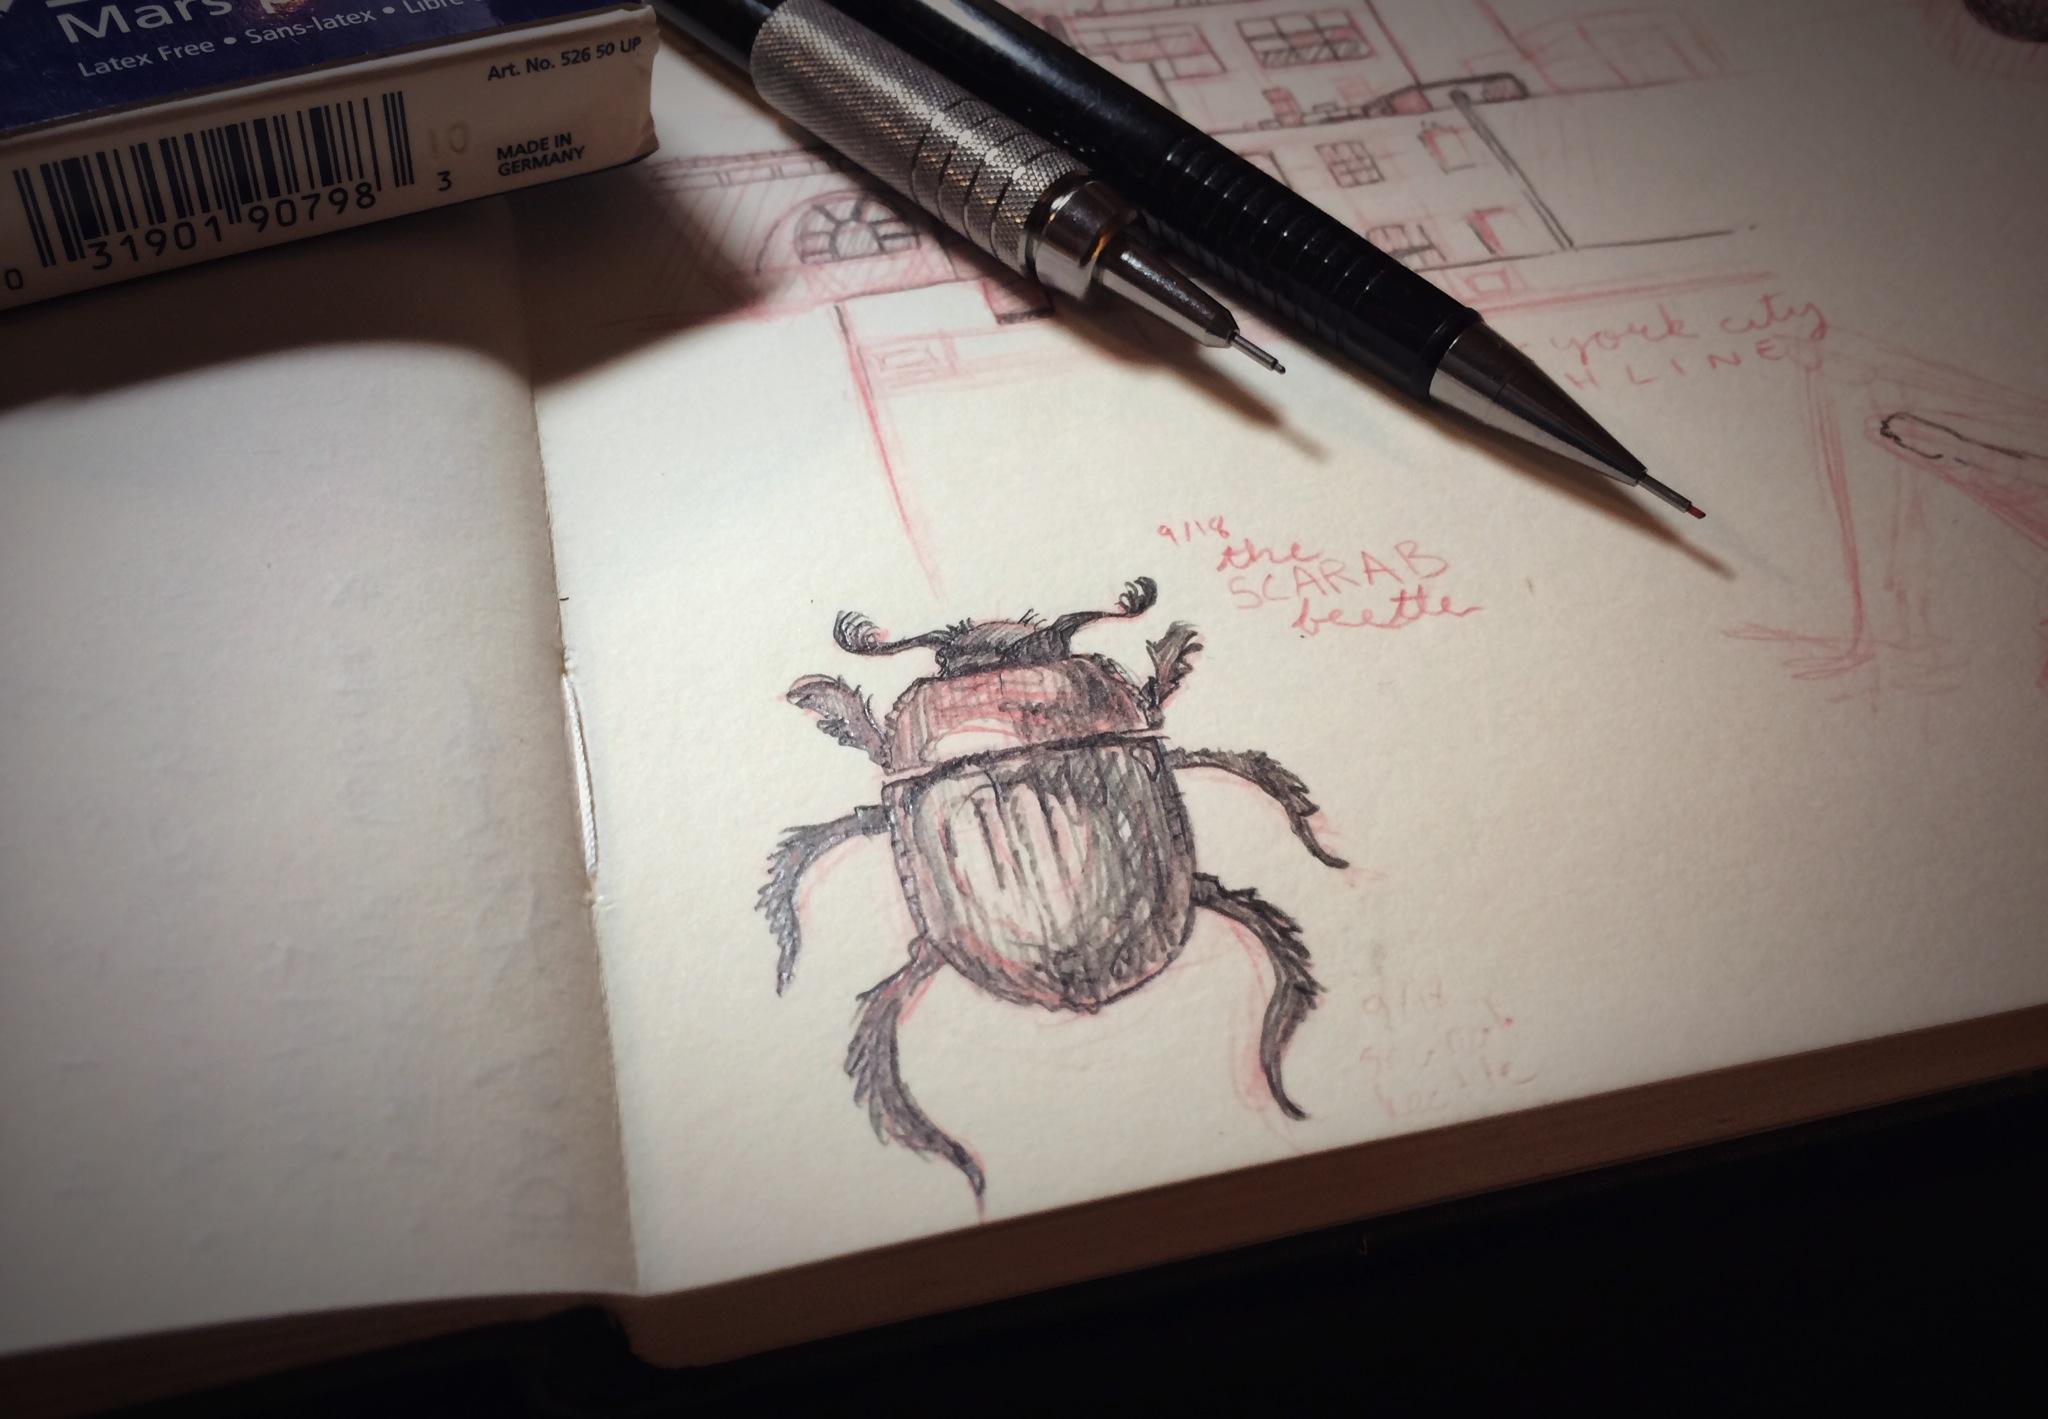 Scarab Beetle sketchby Chloe Yingst | chloedraws.com